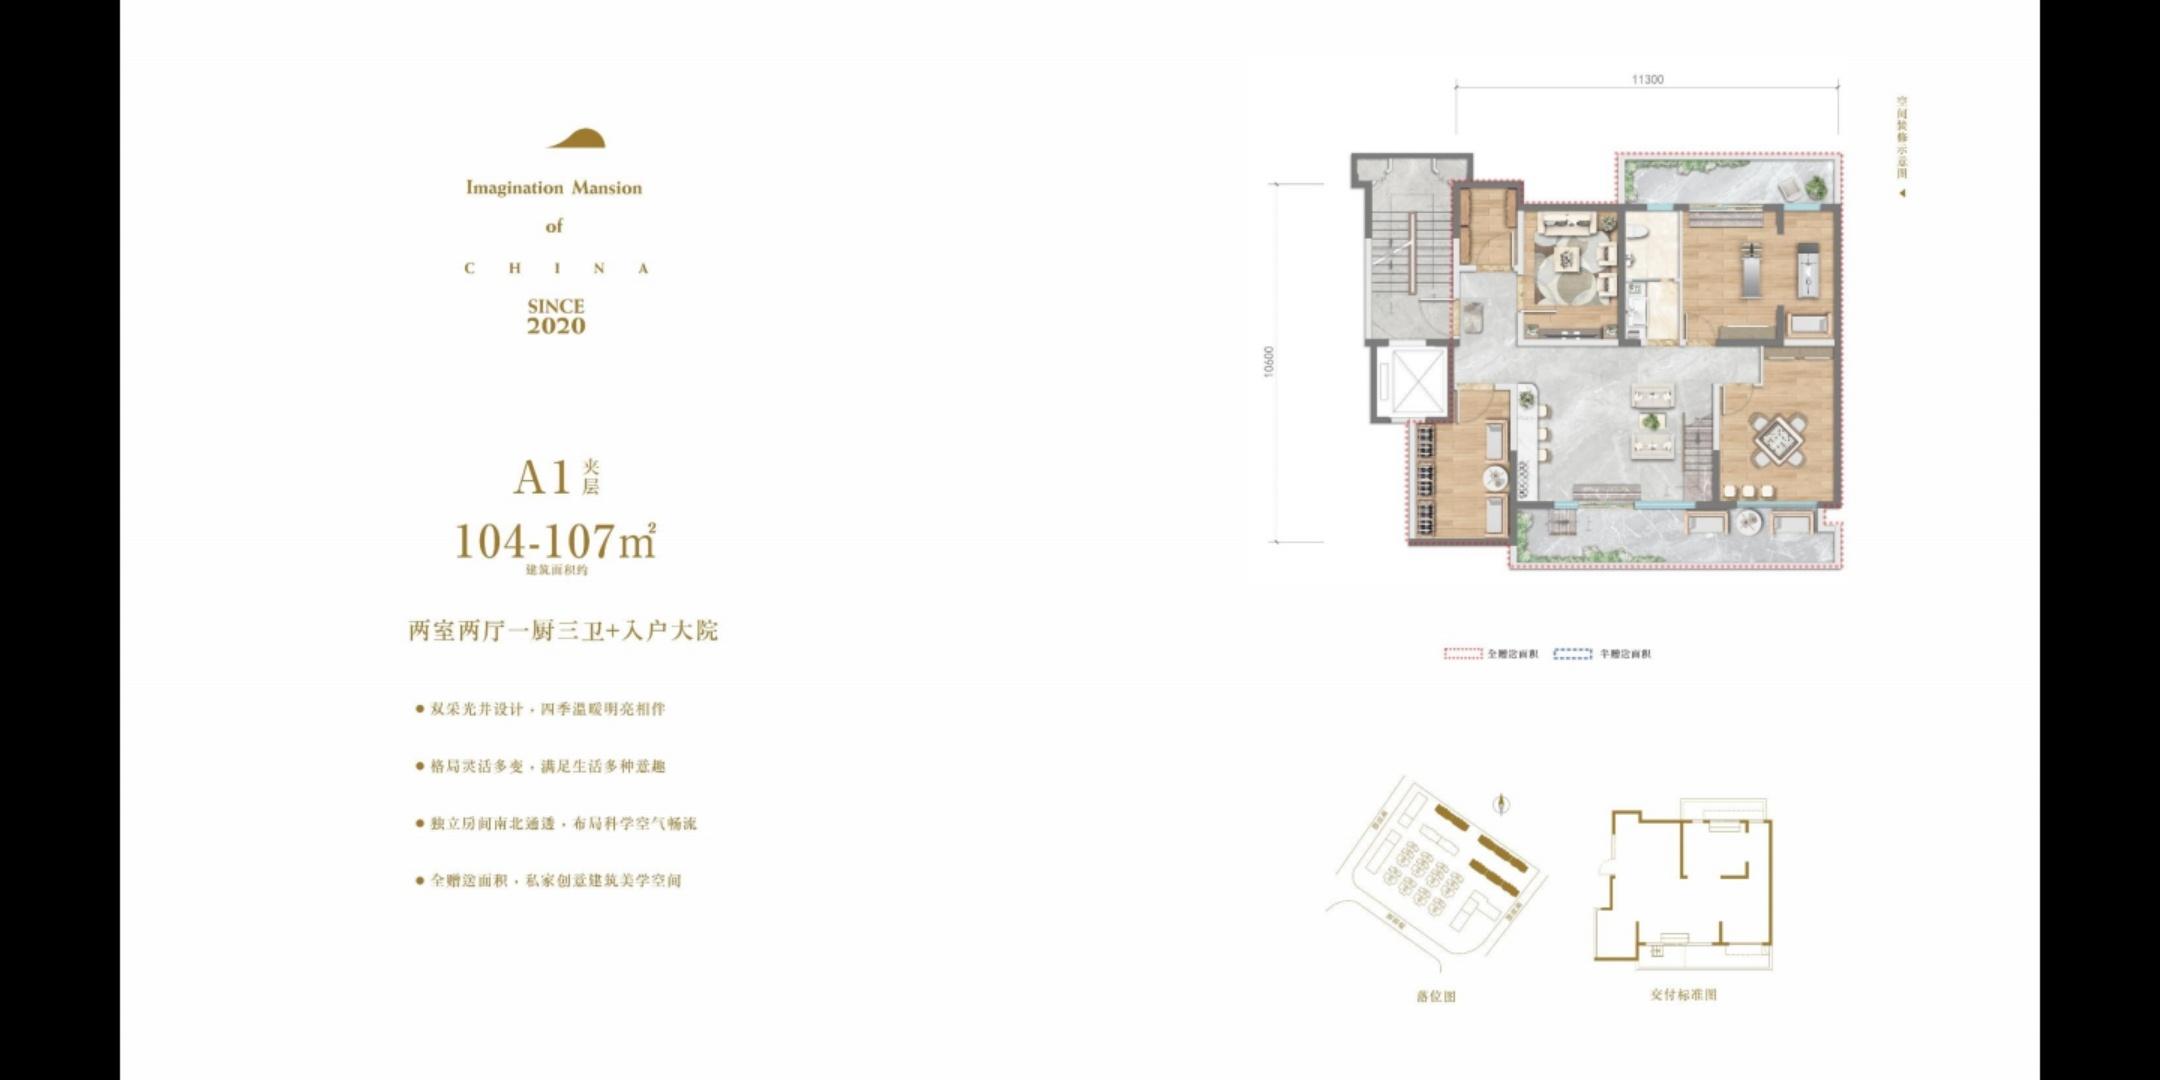 A1夹层 2室2厅3卫 建面104-107㎡